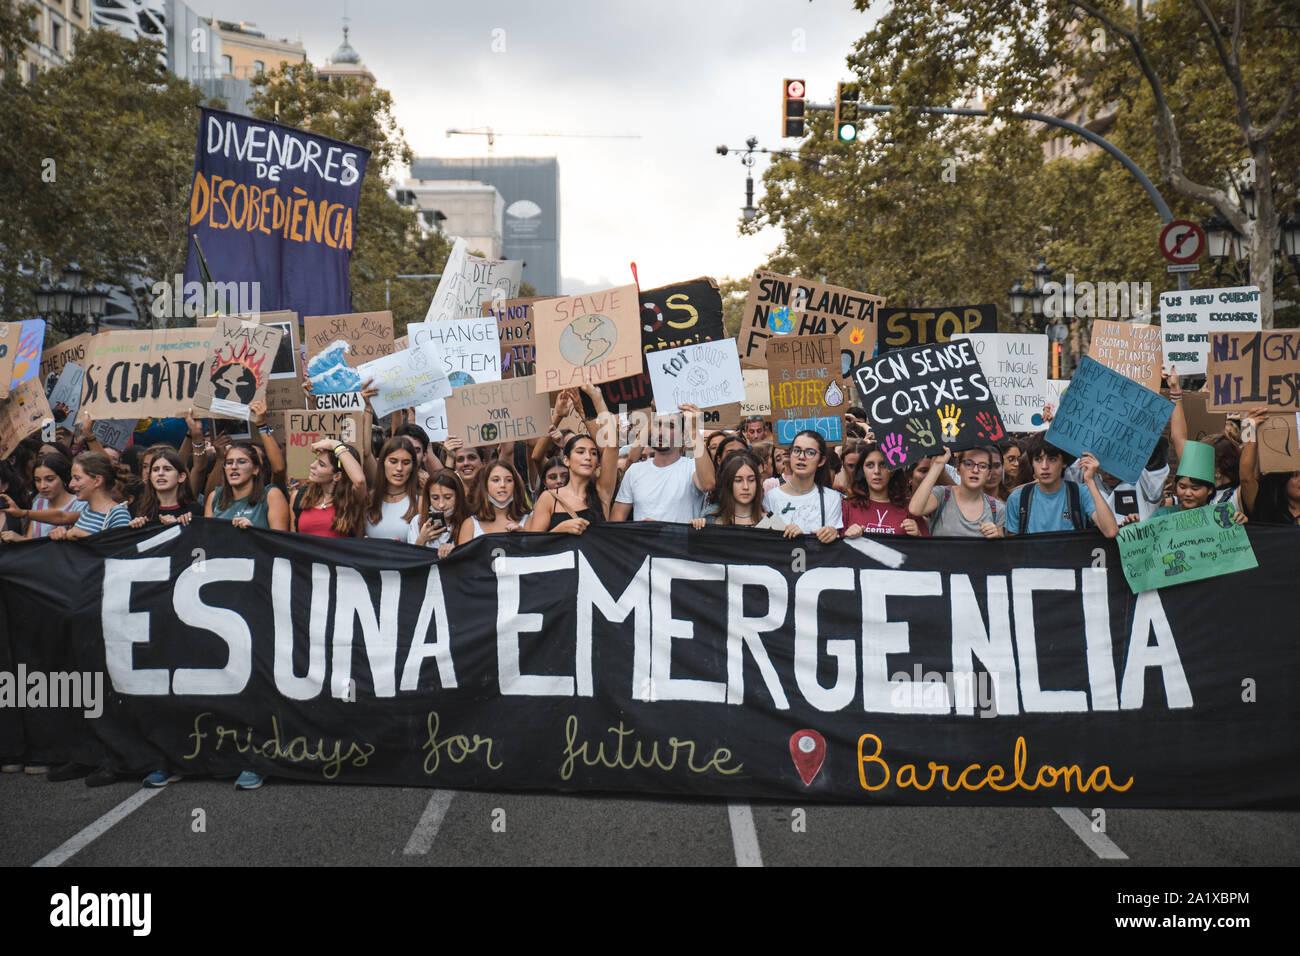 Unas 20.000 personas se manifestaron el pasado viernes 27 de Septiembre en contra de la inactividad de los gobiernos respeto al cambio climático. Stock Photo